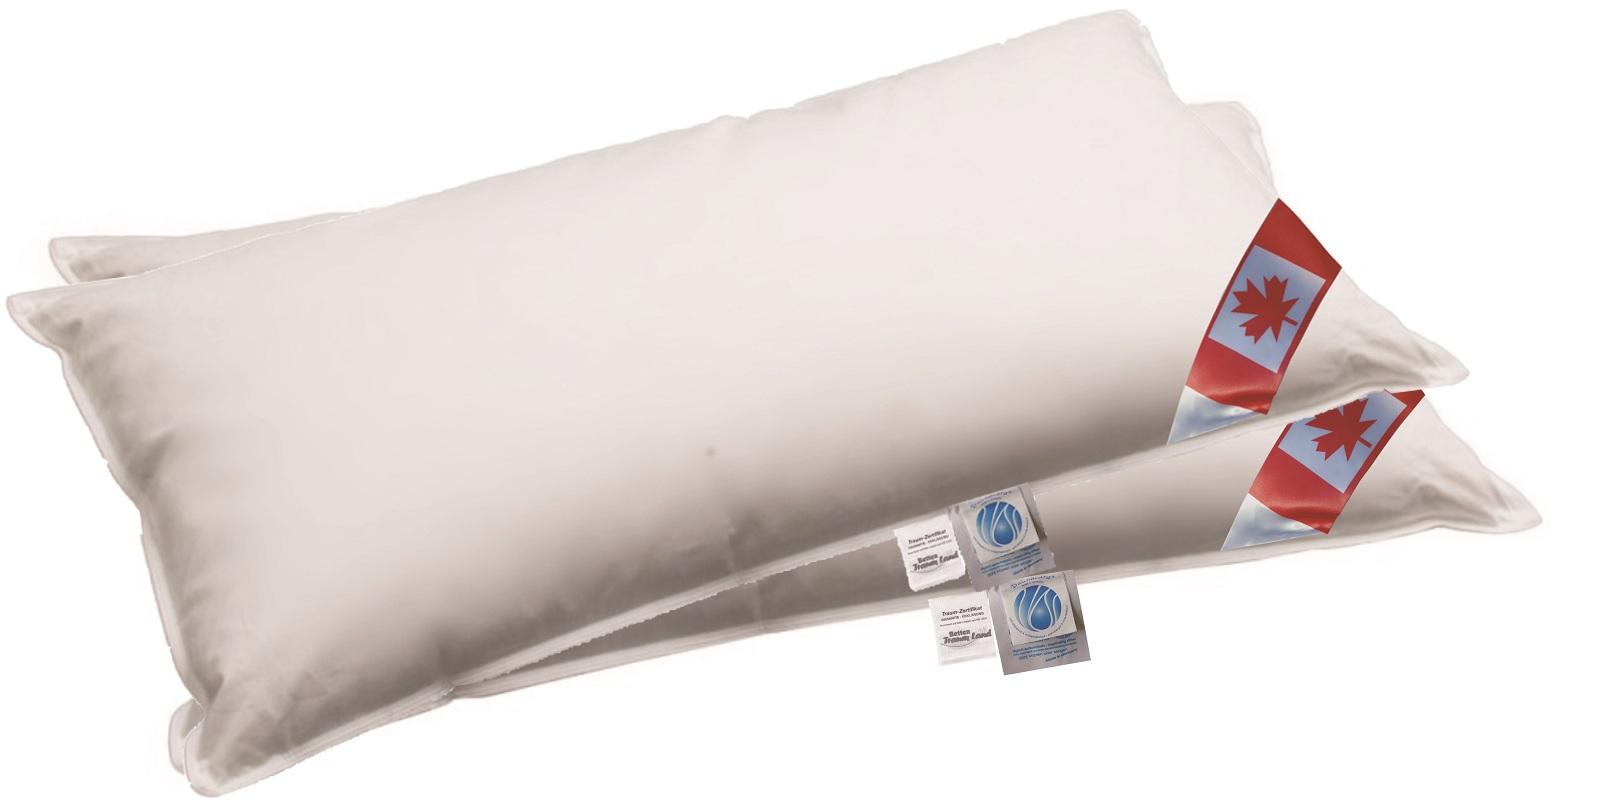 Angebot 2x Premium Air Cell 3-Kammer Kissen Daune Federchen 40x60 cm Reisekissen